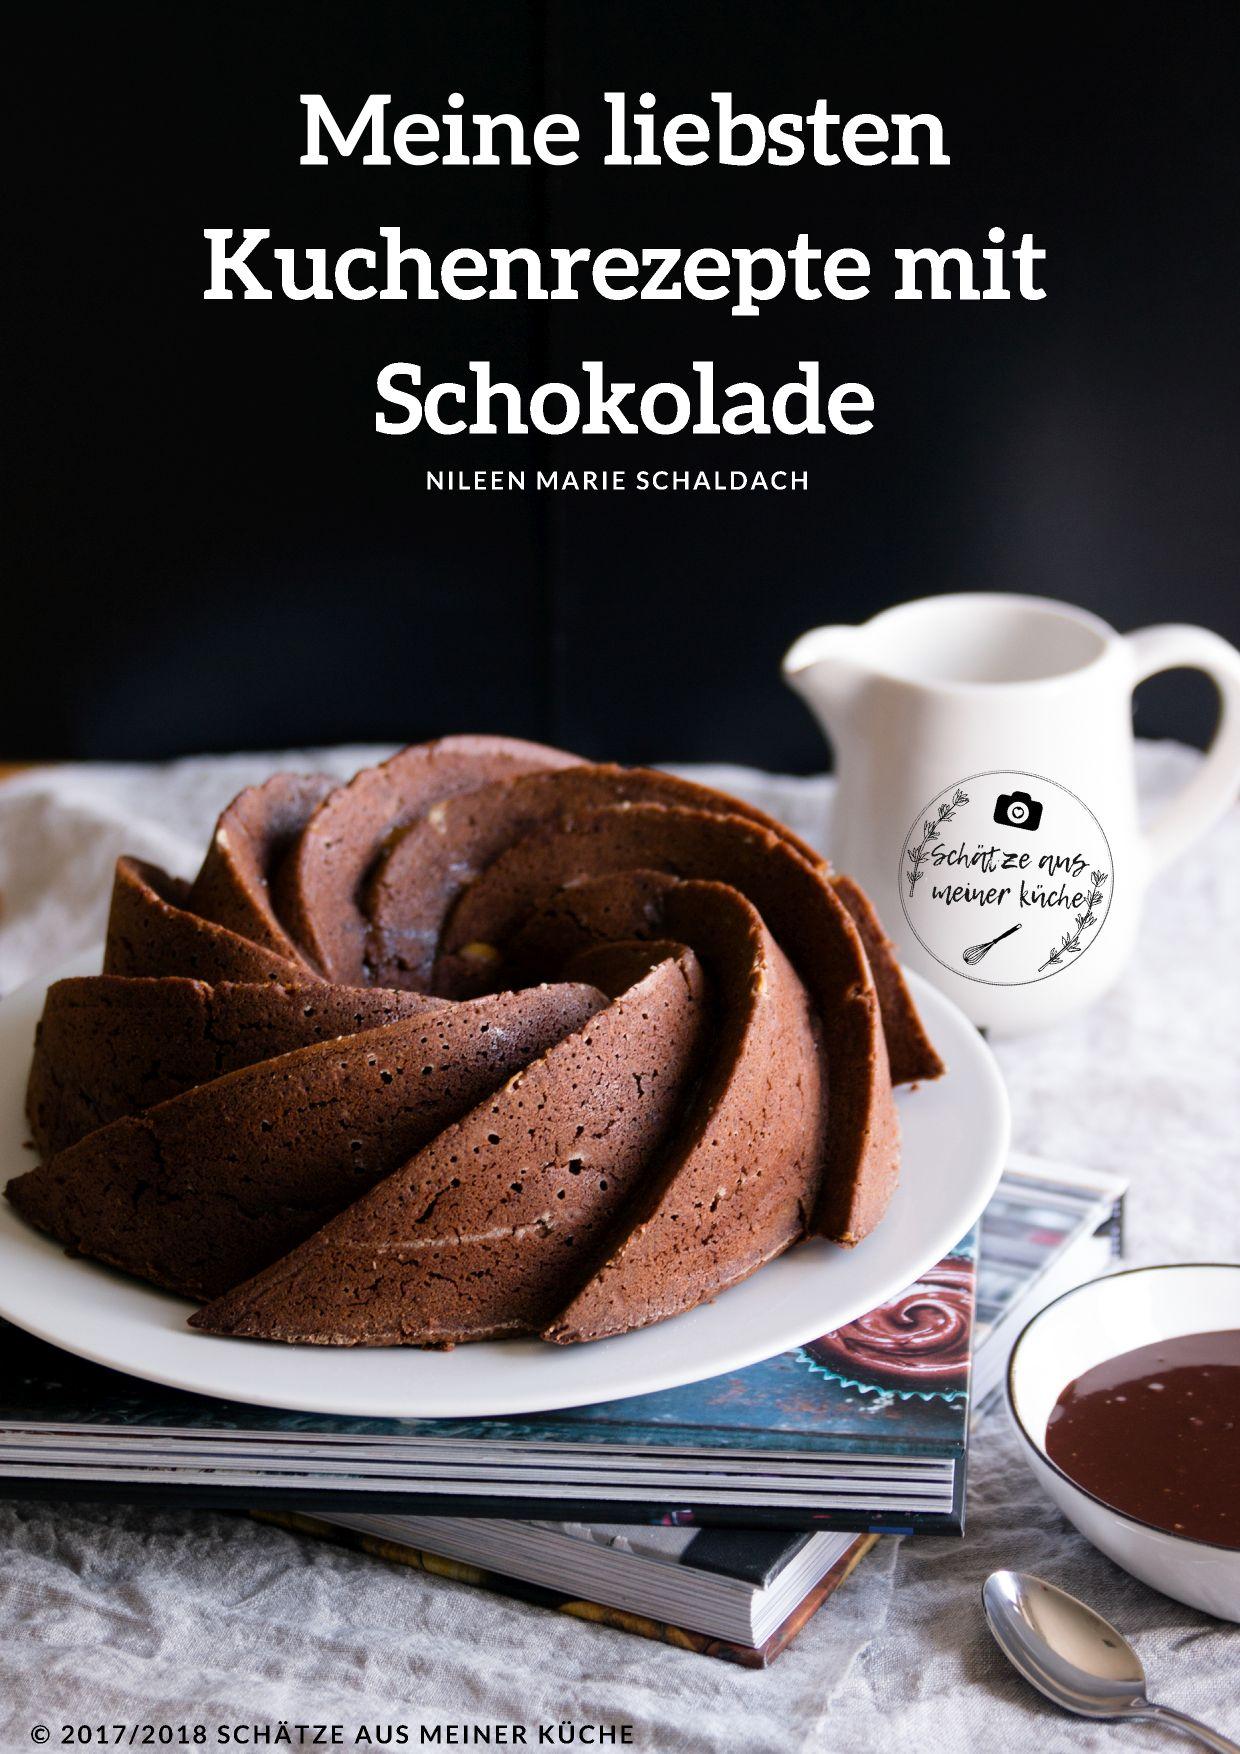 Meine liebsten Kuchenrezepte mit Schokolade